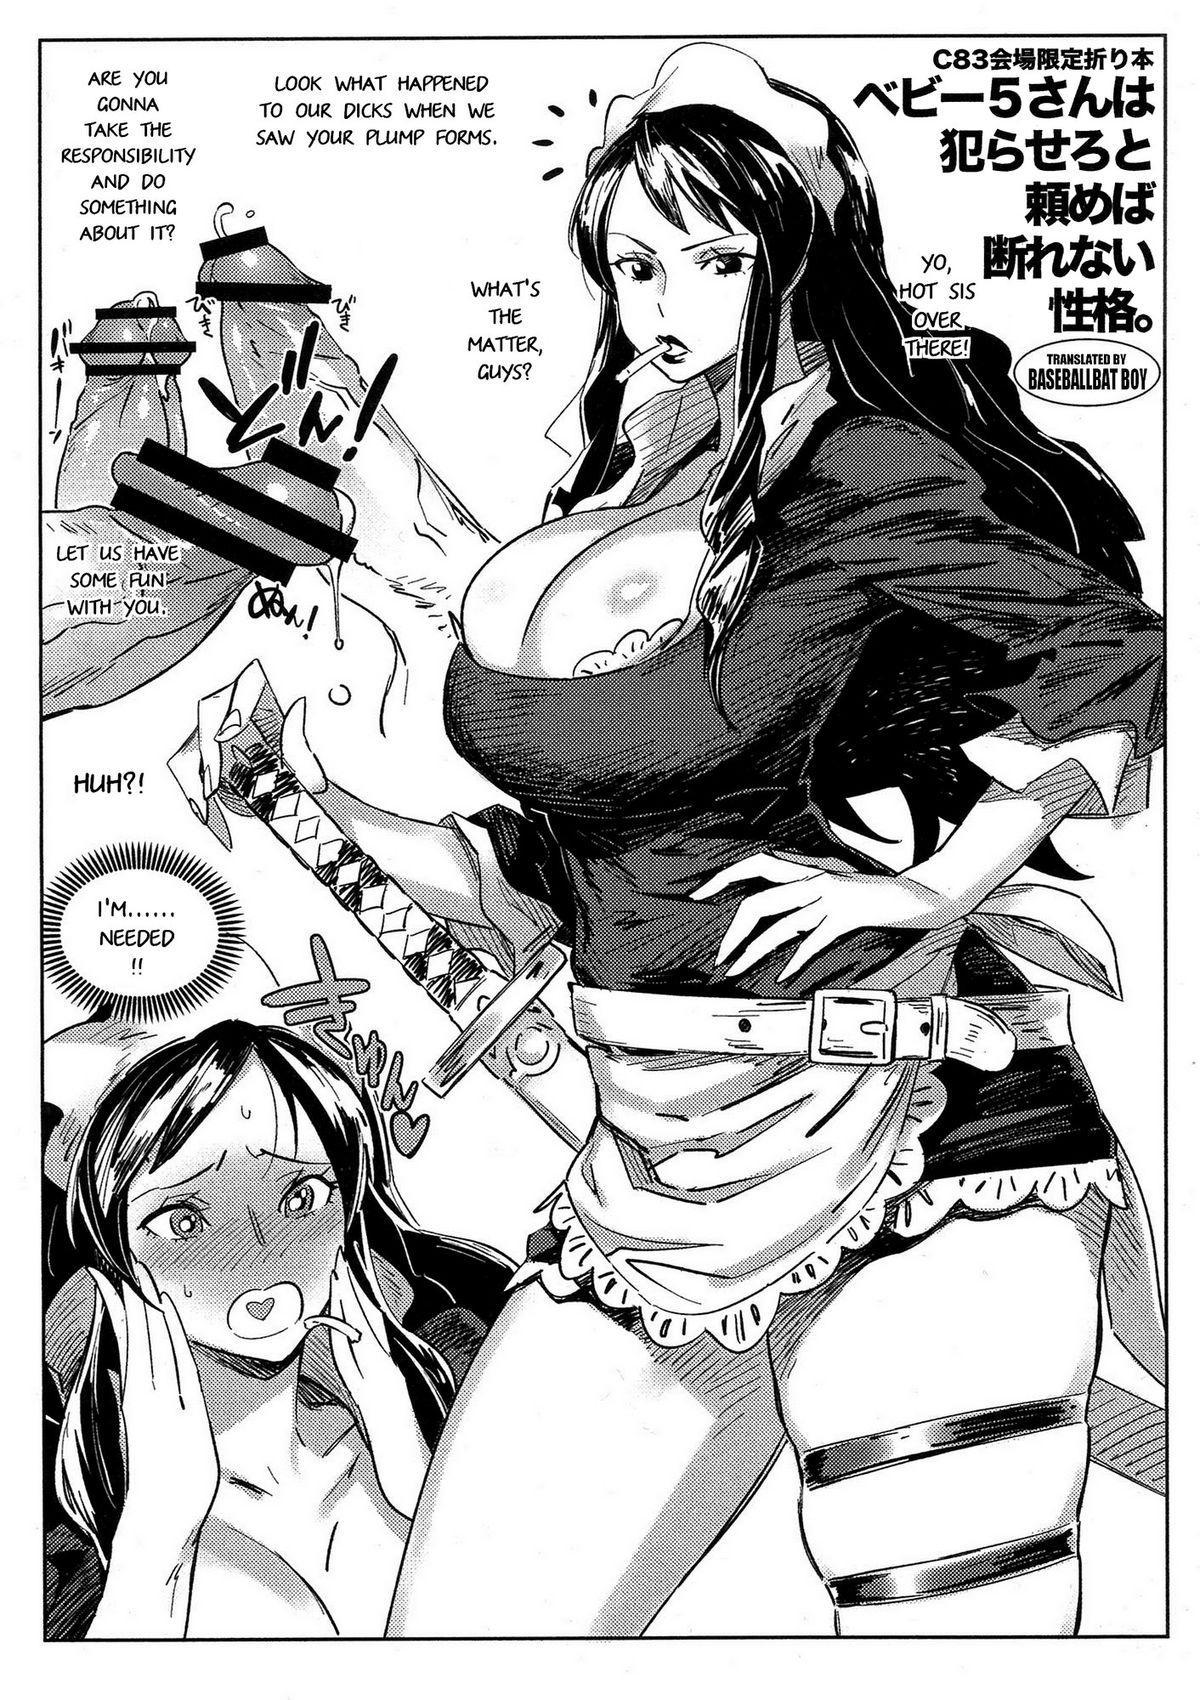 C83 Kaijou Gentei Orihon Baby 5-san wa Yarasero to Tanomeba Kotowarenai Seikaku. 0